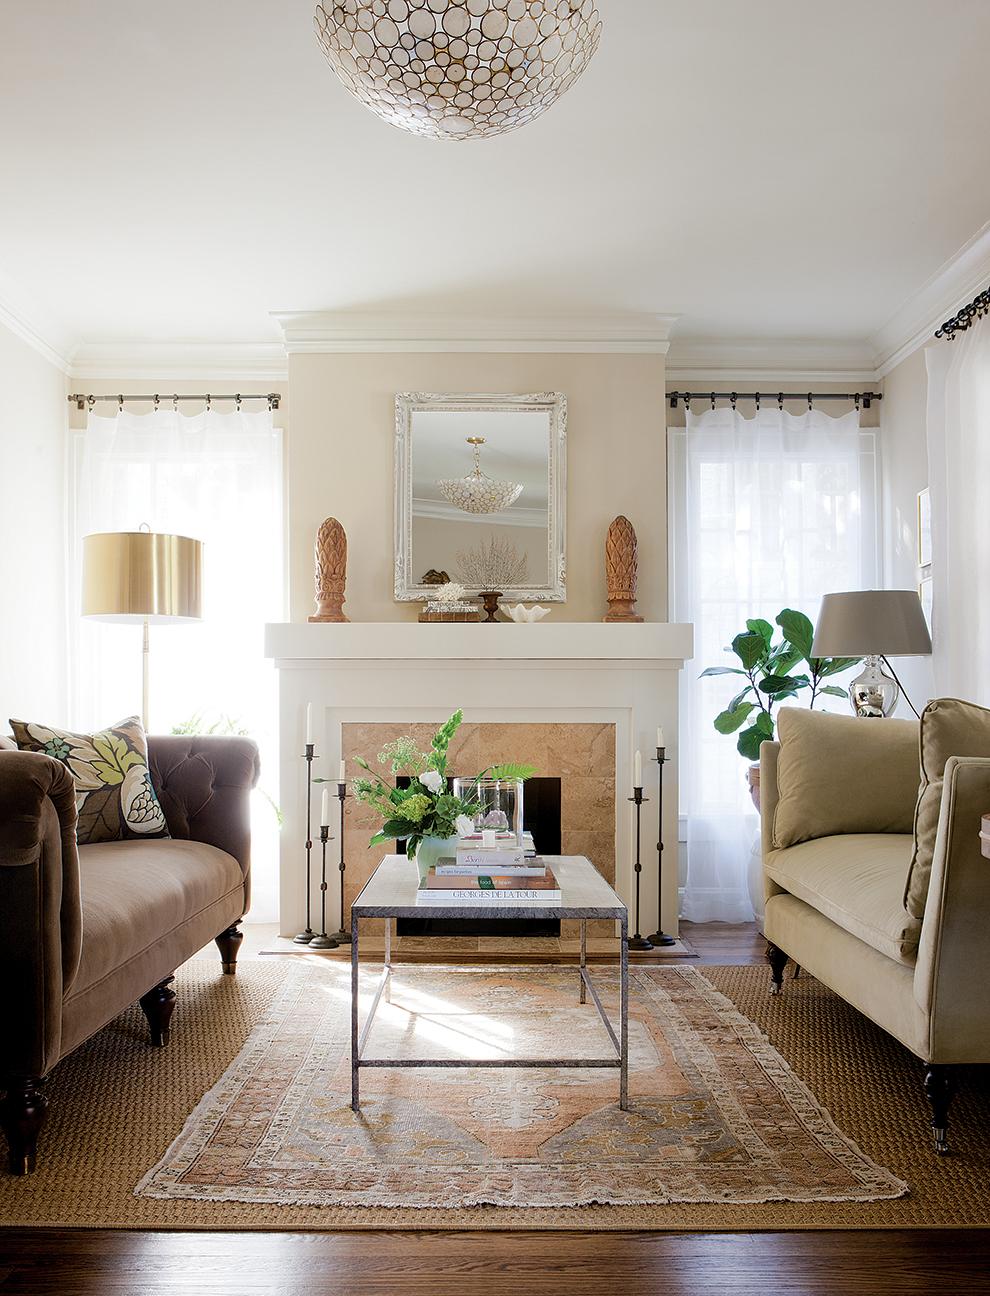 Westwood Hills Bungalow | Amanda Steiner Design | x.jpg